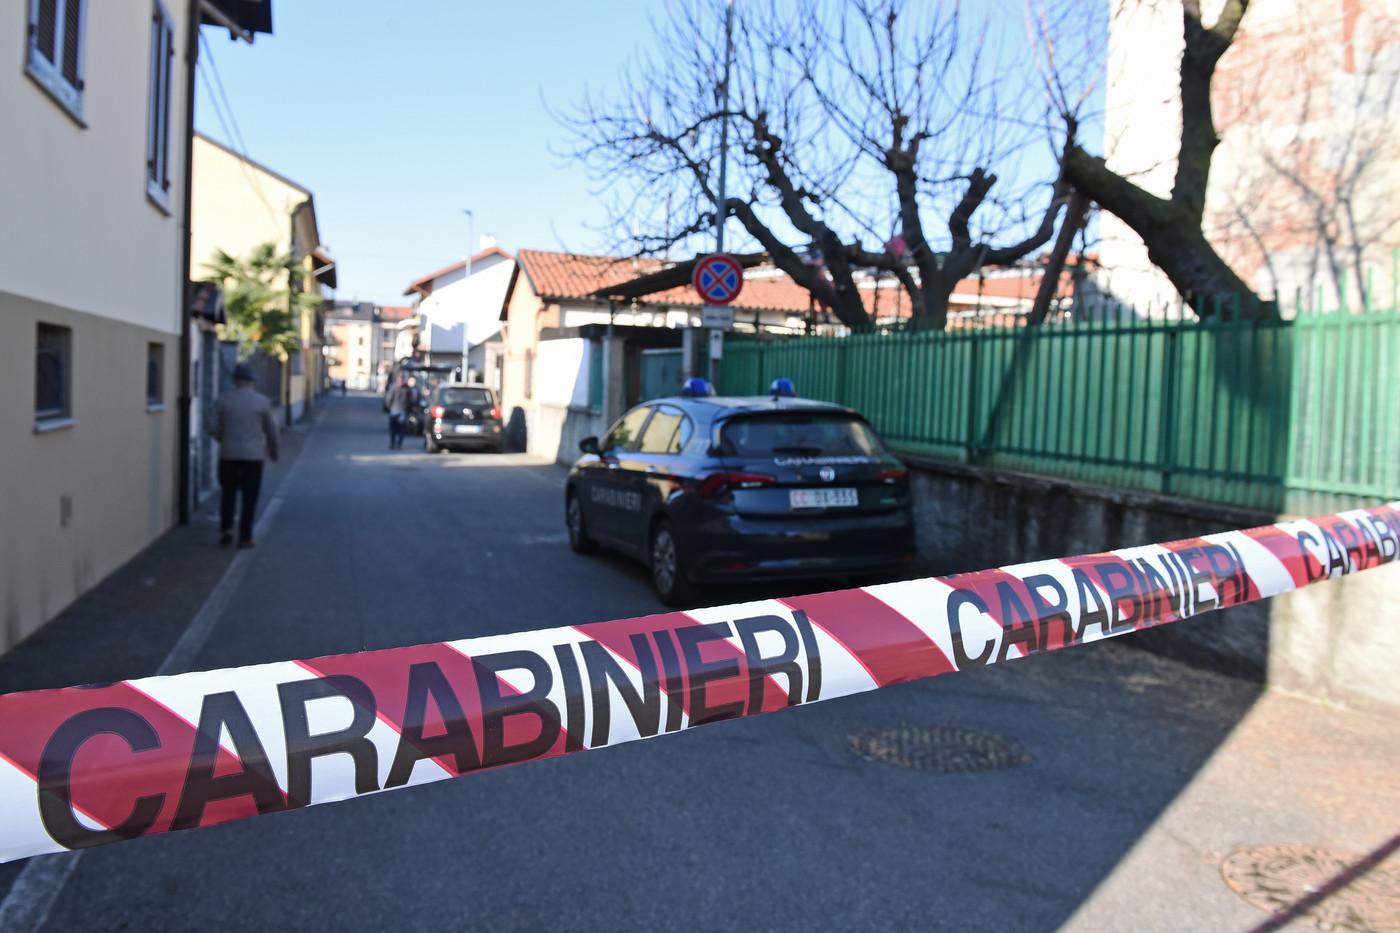 Maltrattamenti in asilo nido: ai domiciliari due maestre a Pavia e Como